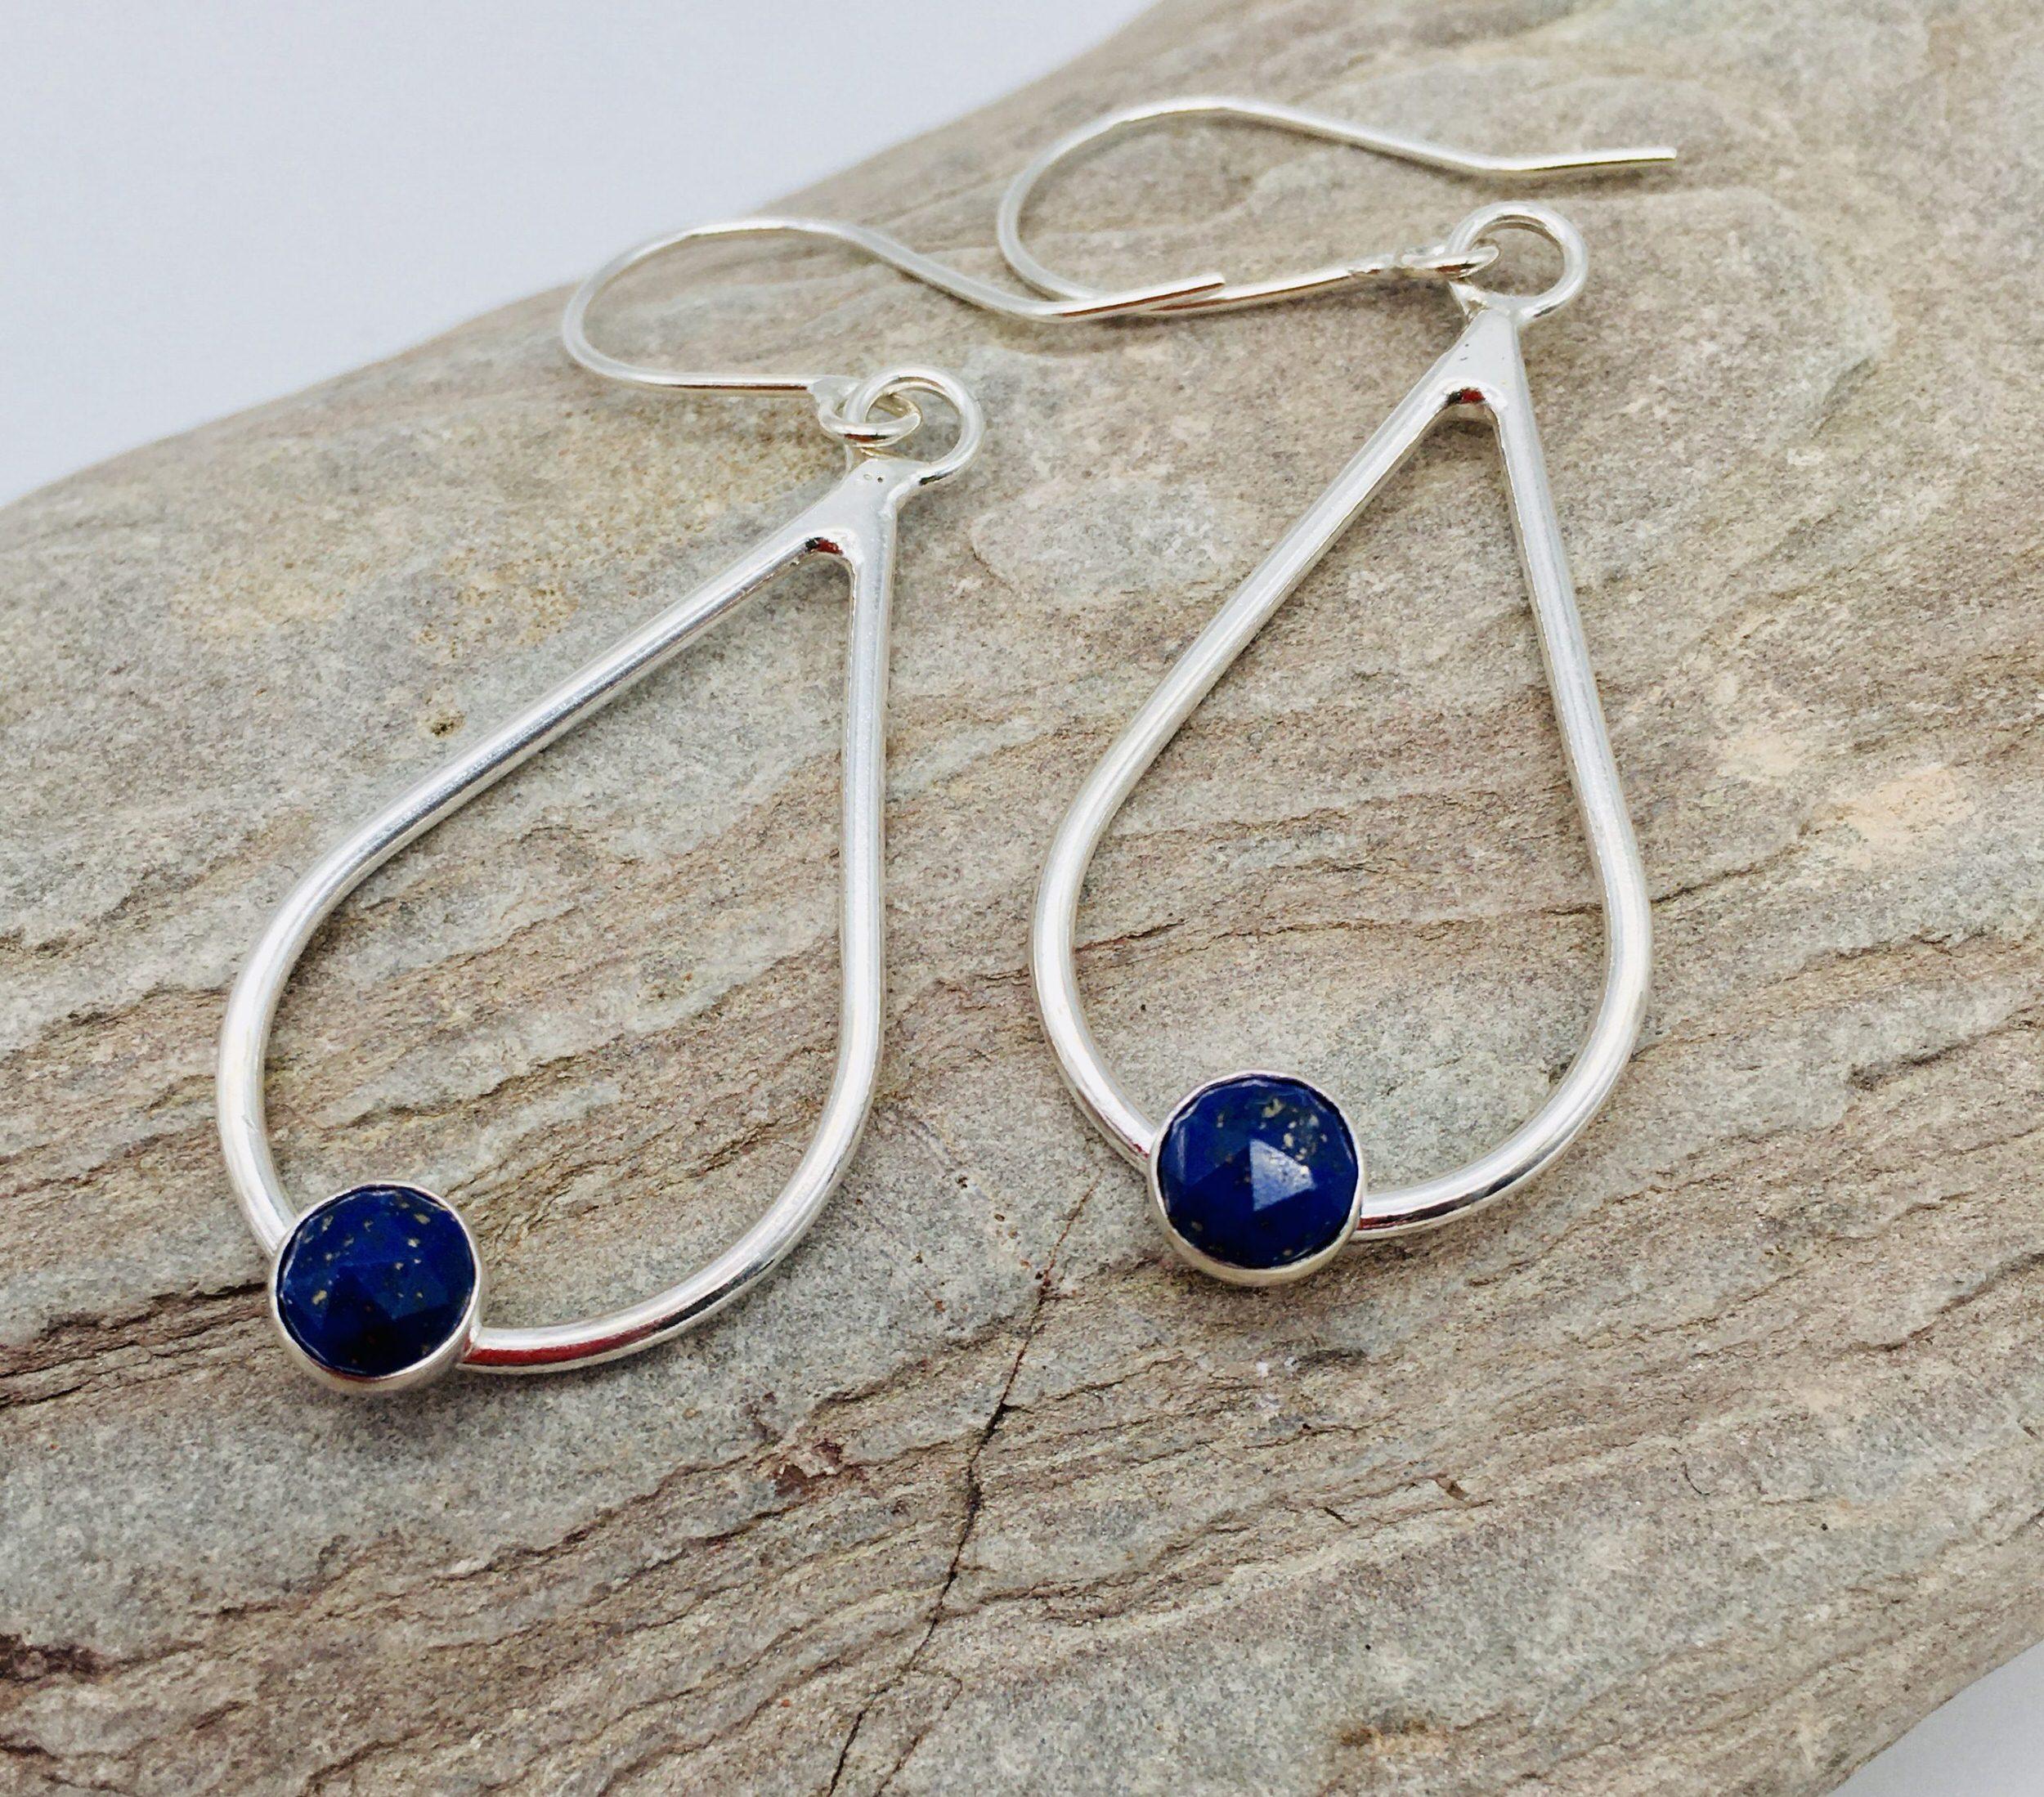 Drop Earrings in silver with Lapis Lazuli, handmade by devon jeweller Chloe Brooks-Warner